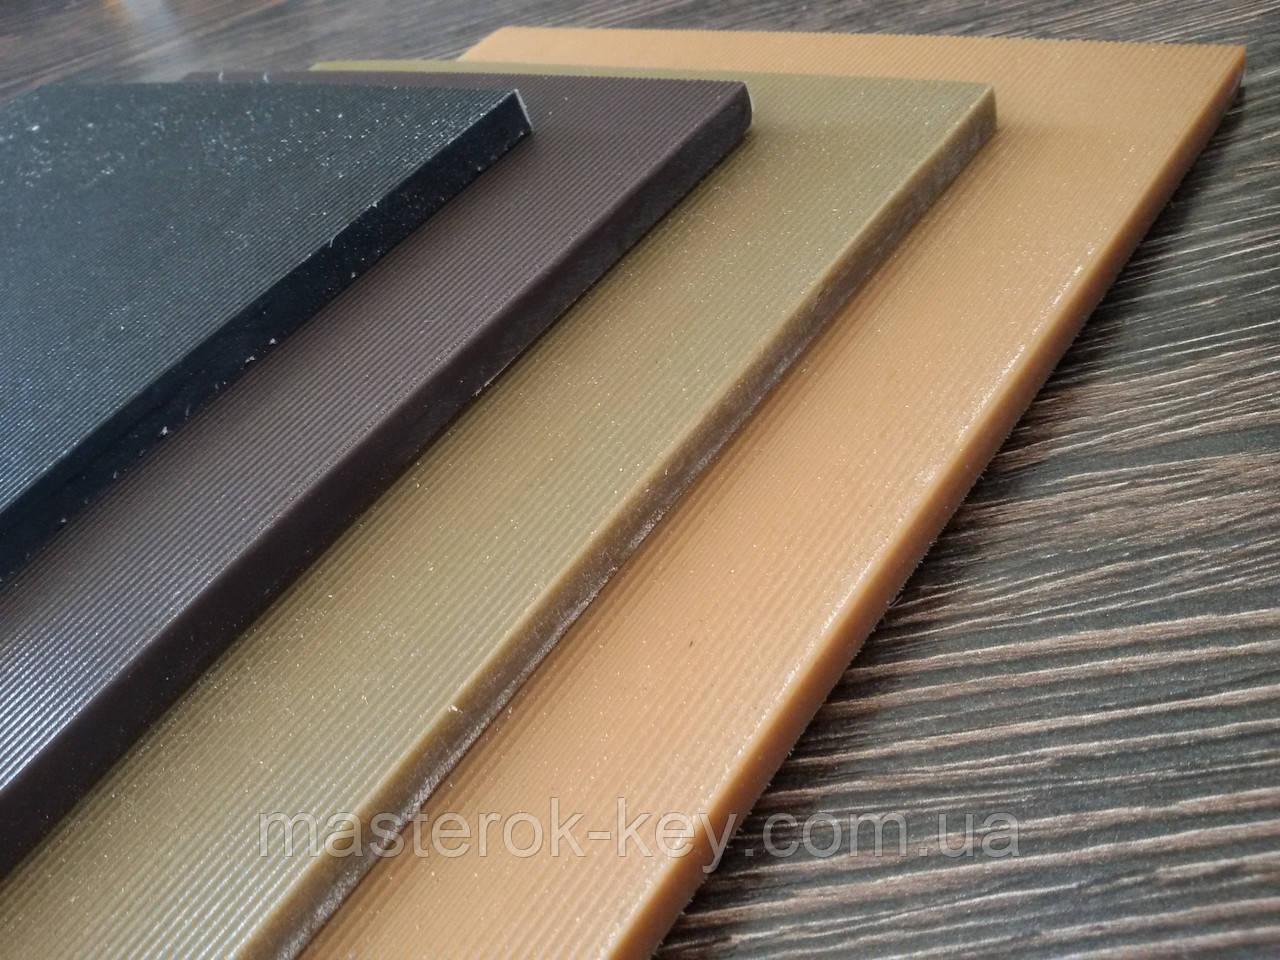 Полиуретан BISSELL ЛИНИЯ 1/2л. жесткий зашкуренный р. 150*260*6 мм цвет чёрный